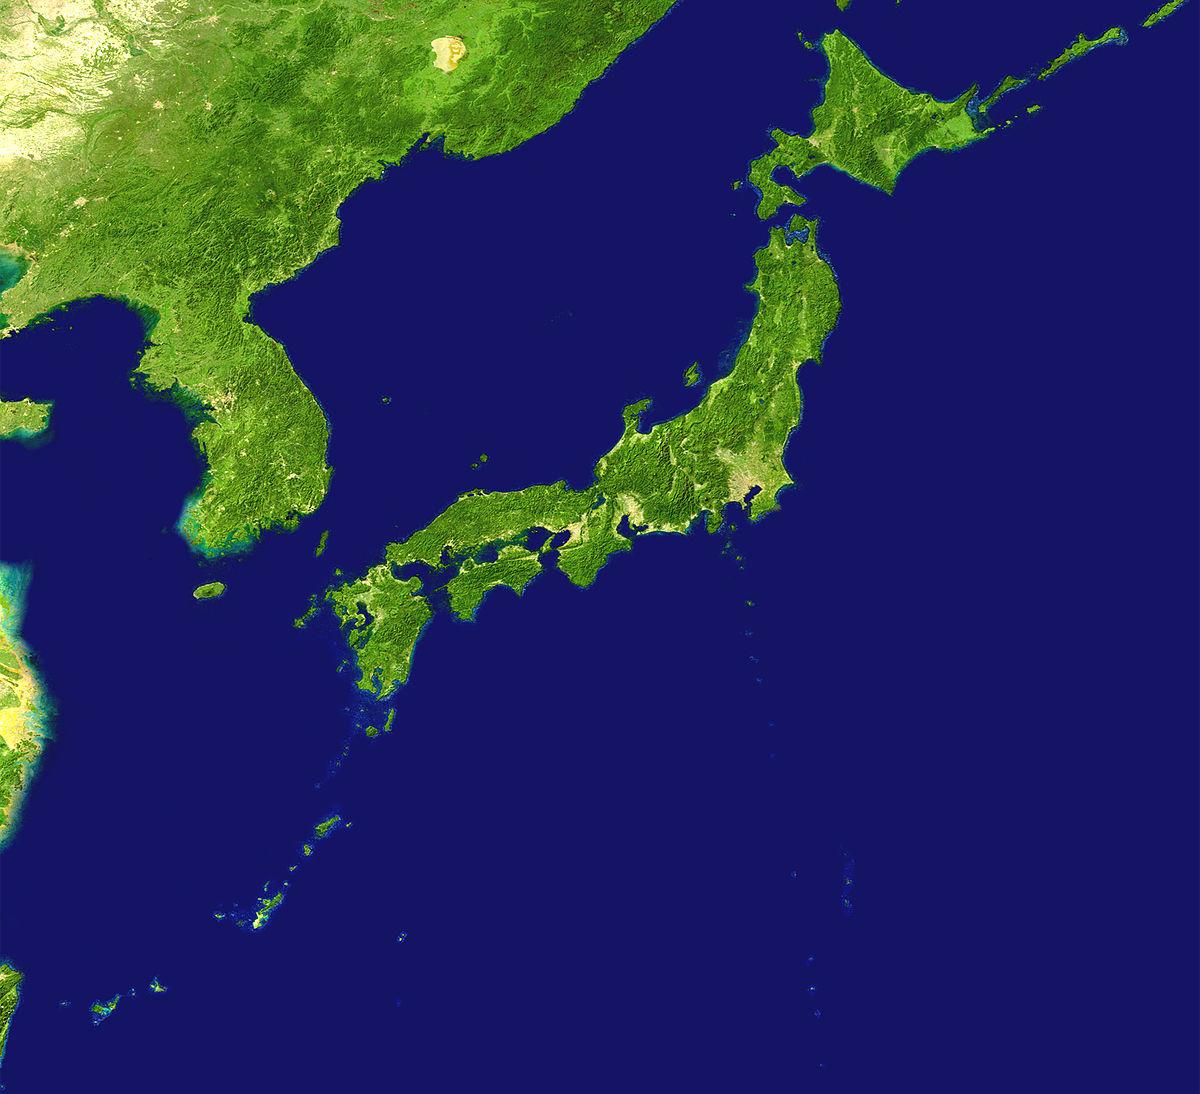 خريطة اليابان صماء